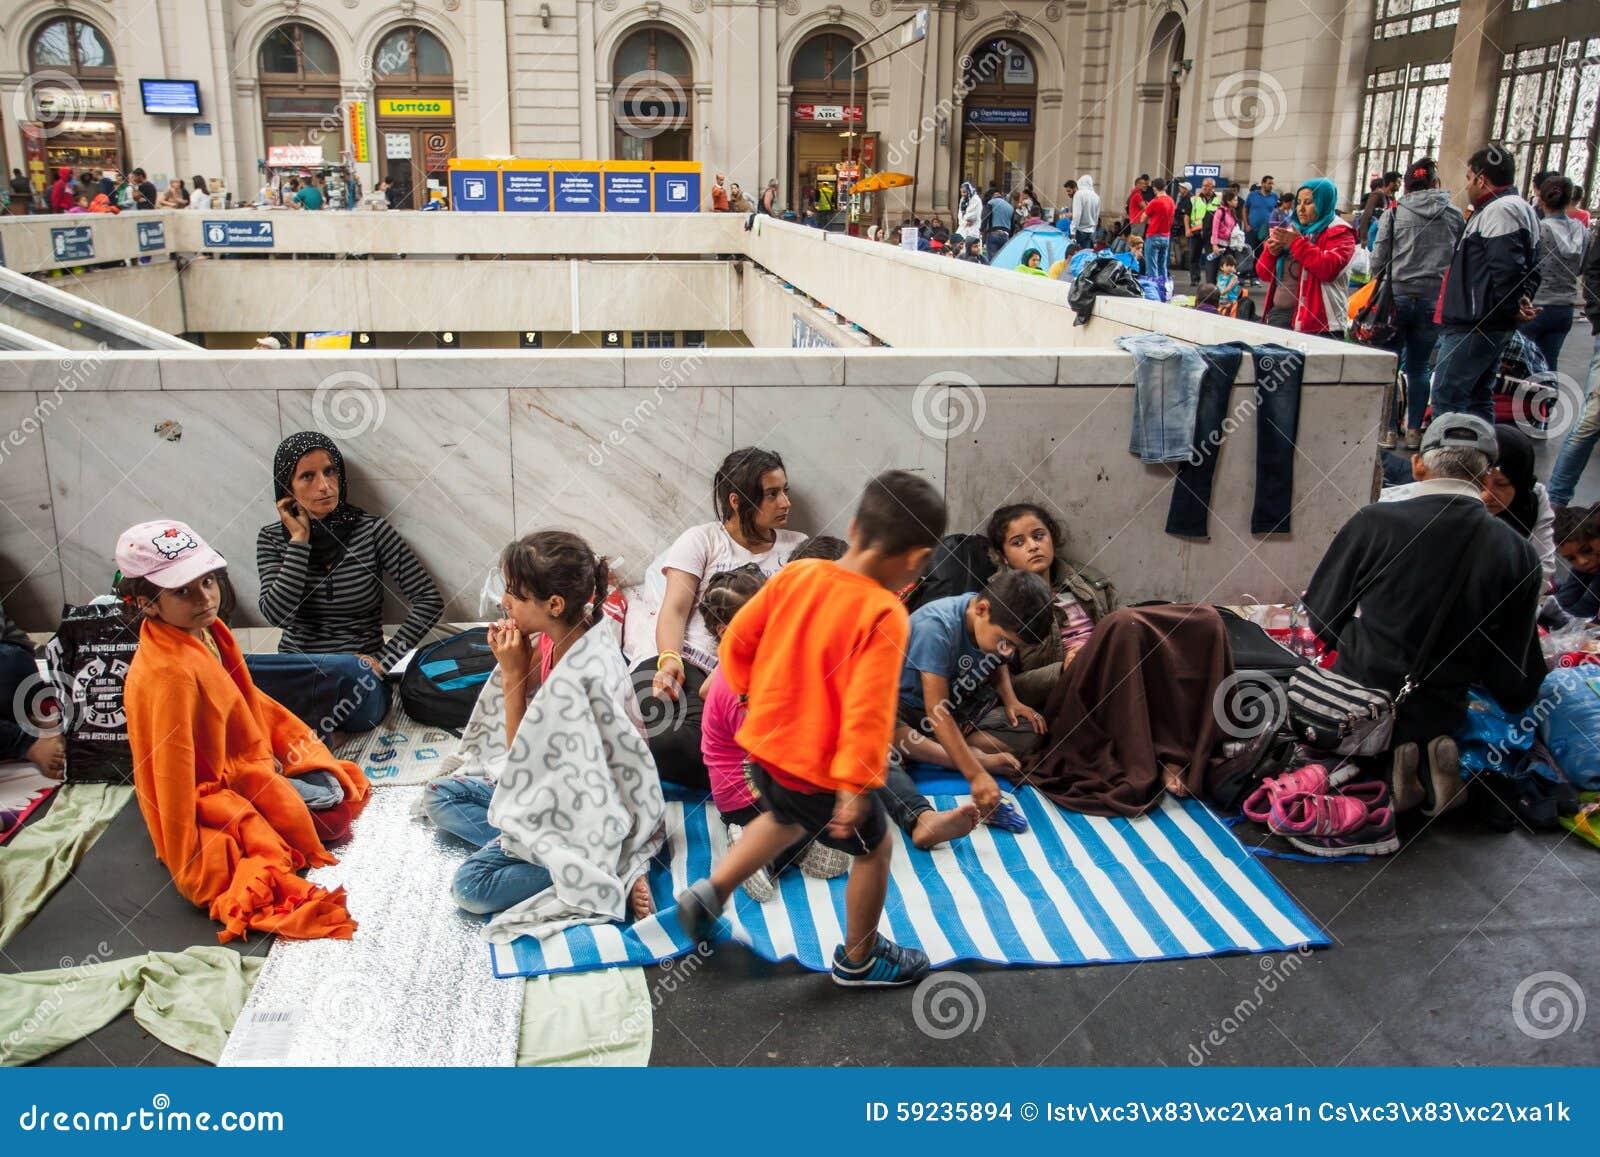 Download Refugiados De La Guerra En El Ferrocarril De Keleti Imagen de archivo editorial - Imagen de iraquí, árabe: 59235894